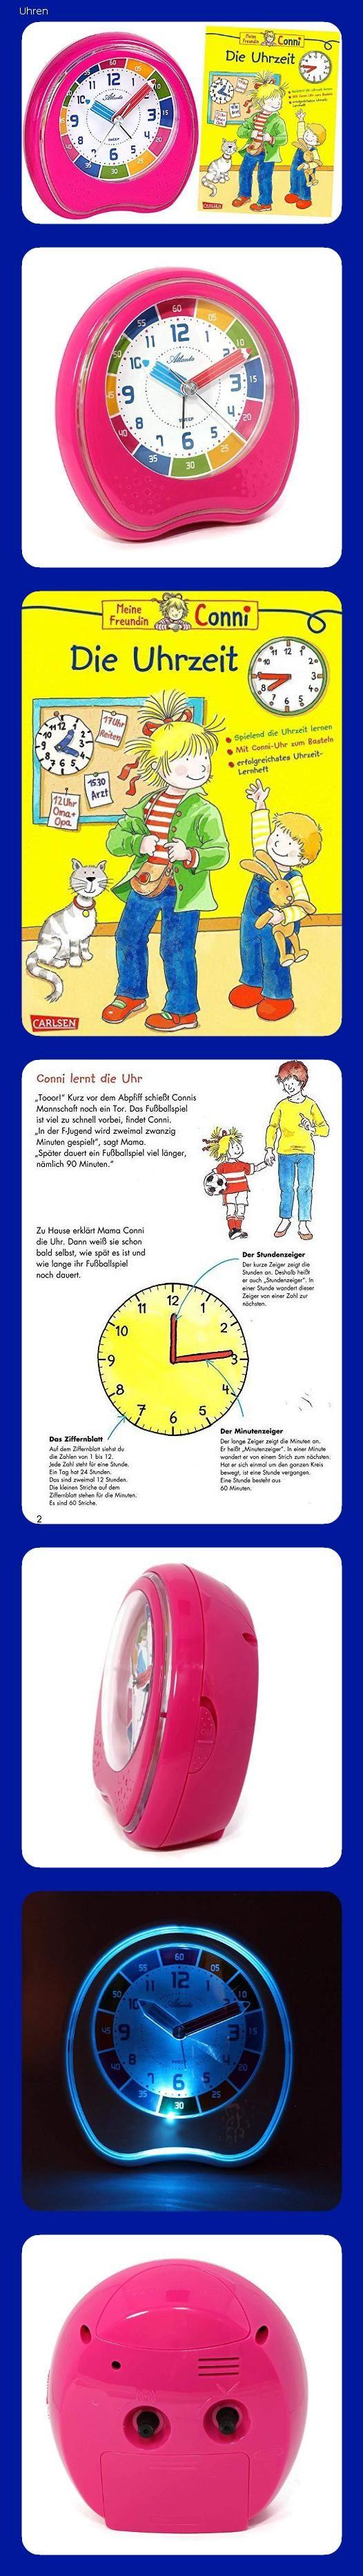 Kinderwecker ohne Ticken Lernbuch Connie Uhrzeit lernen Rosa Mädchen 1917-8BU